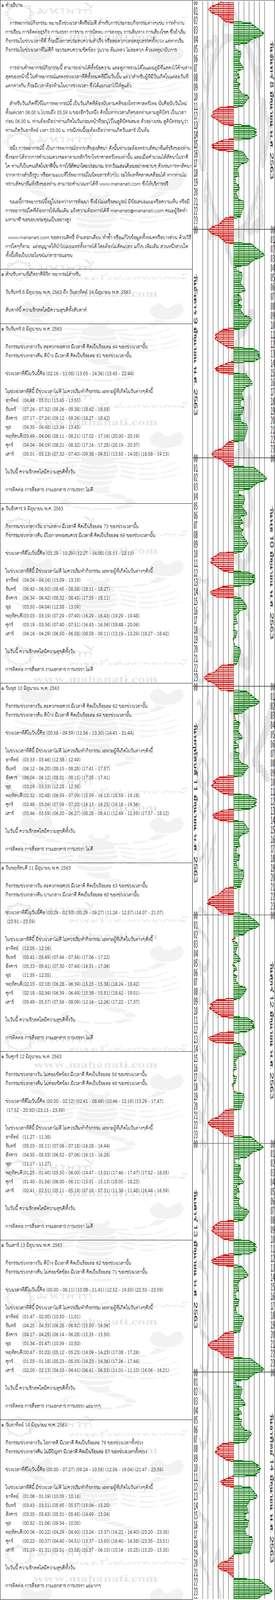 qbdruurgD3F53khPvc-o.jpg